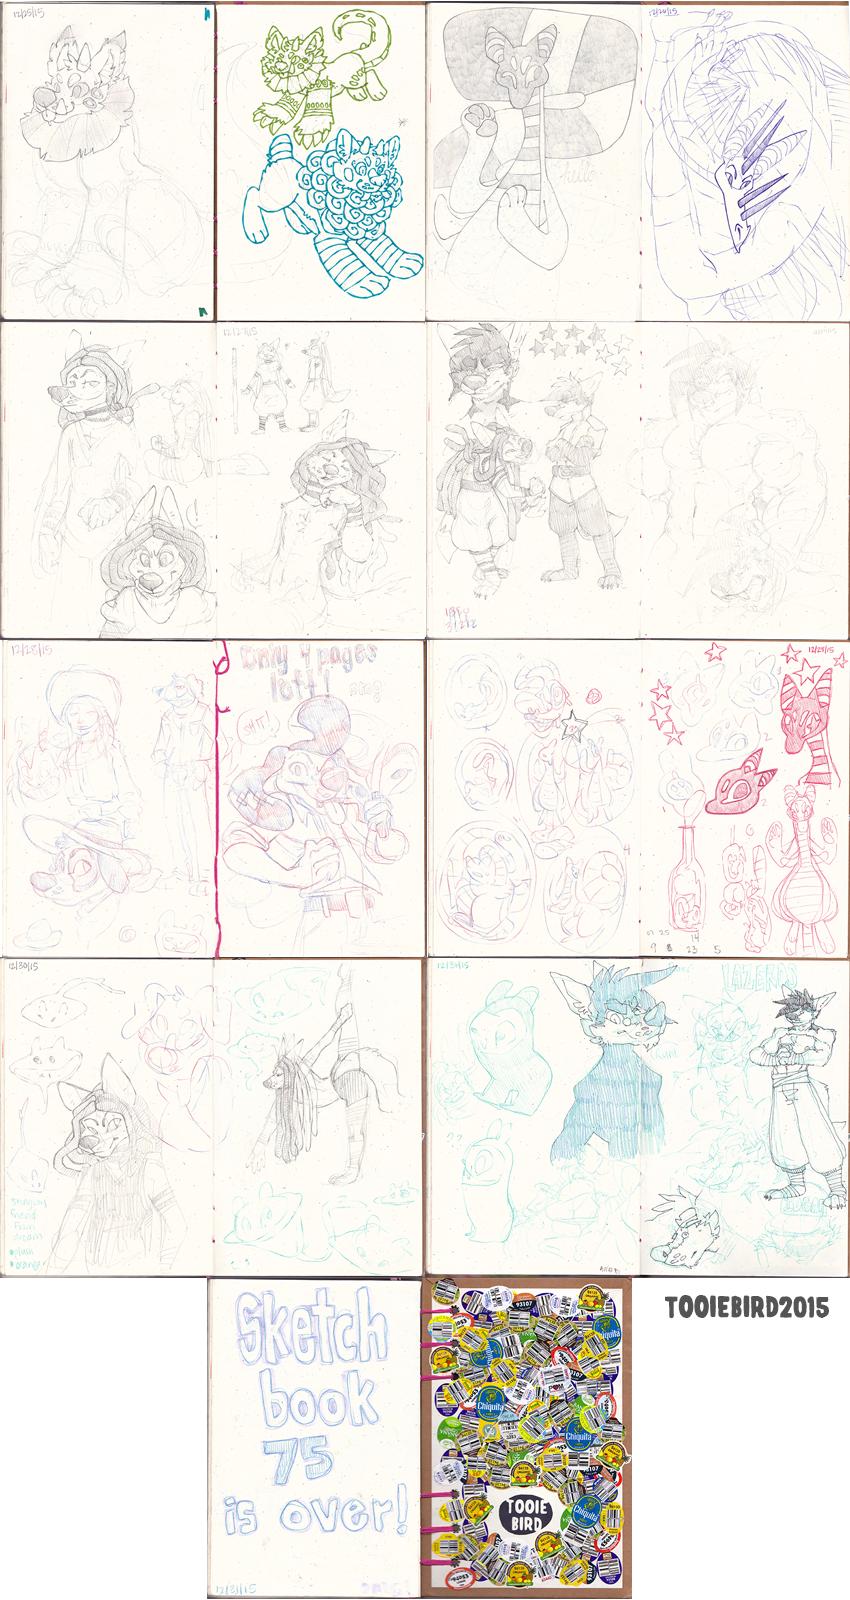 Sketchbook 75 - Part 10